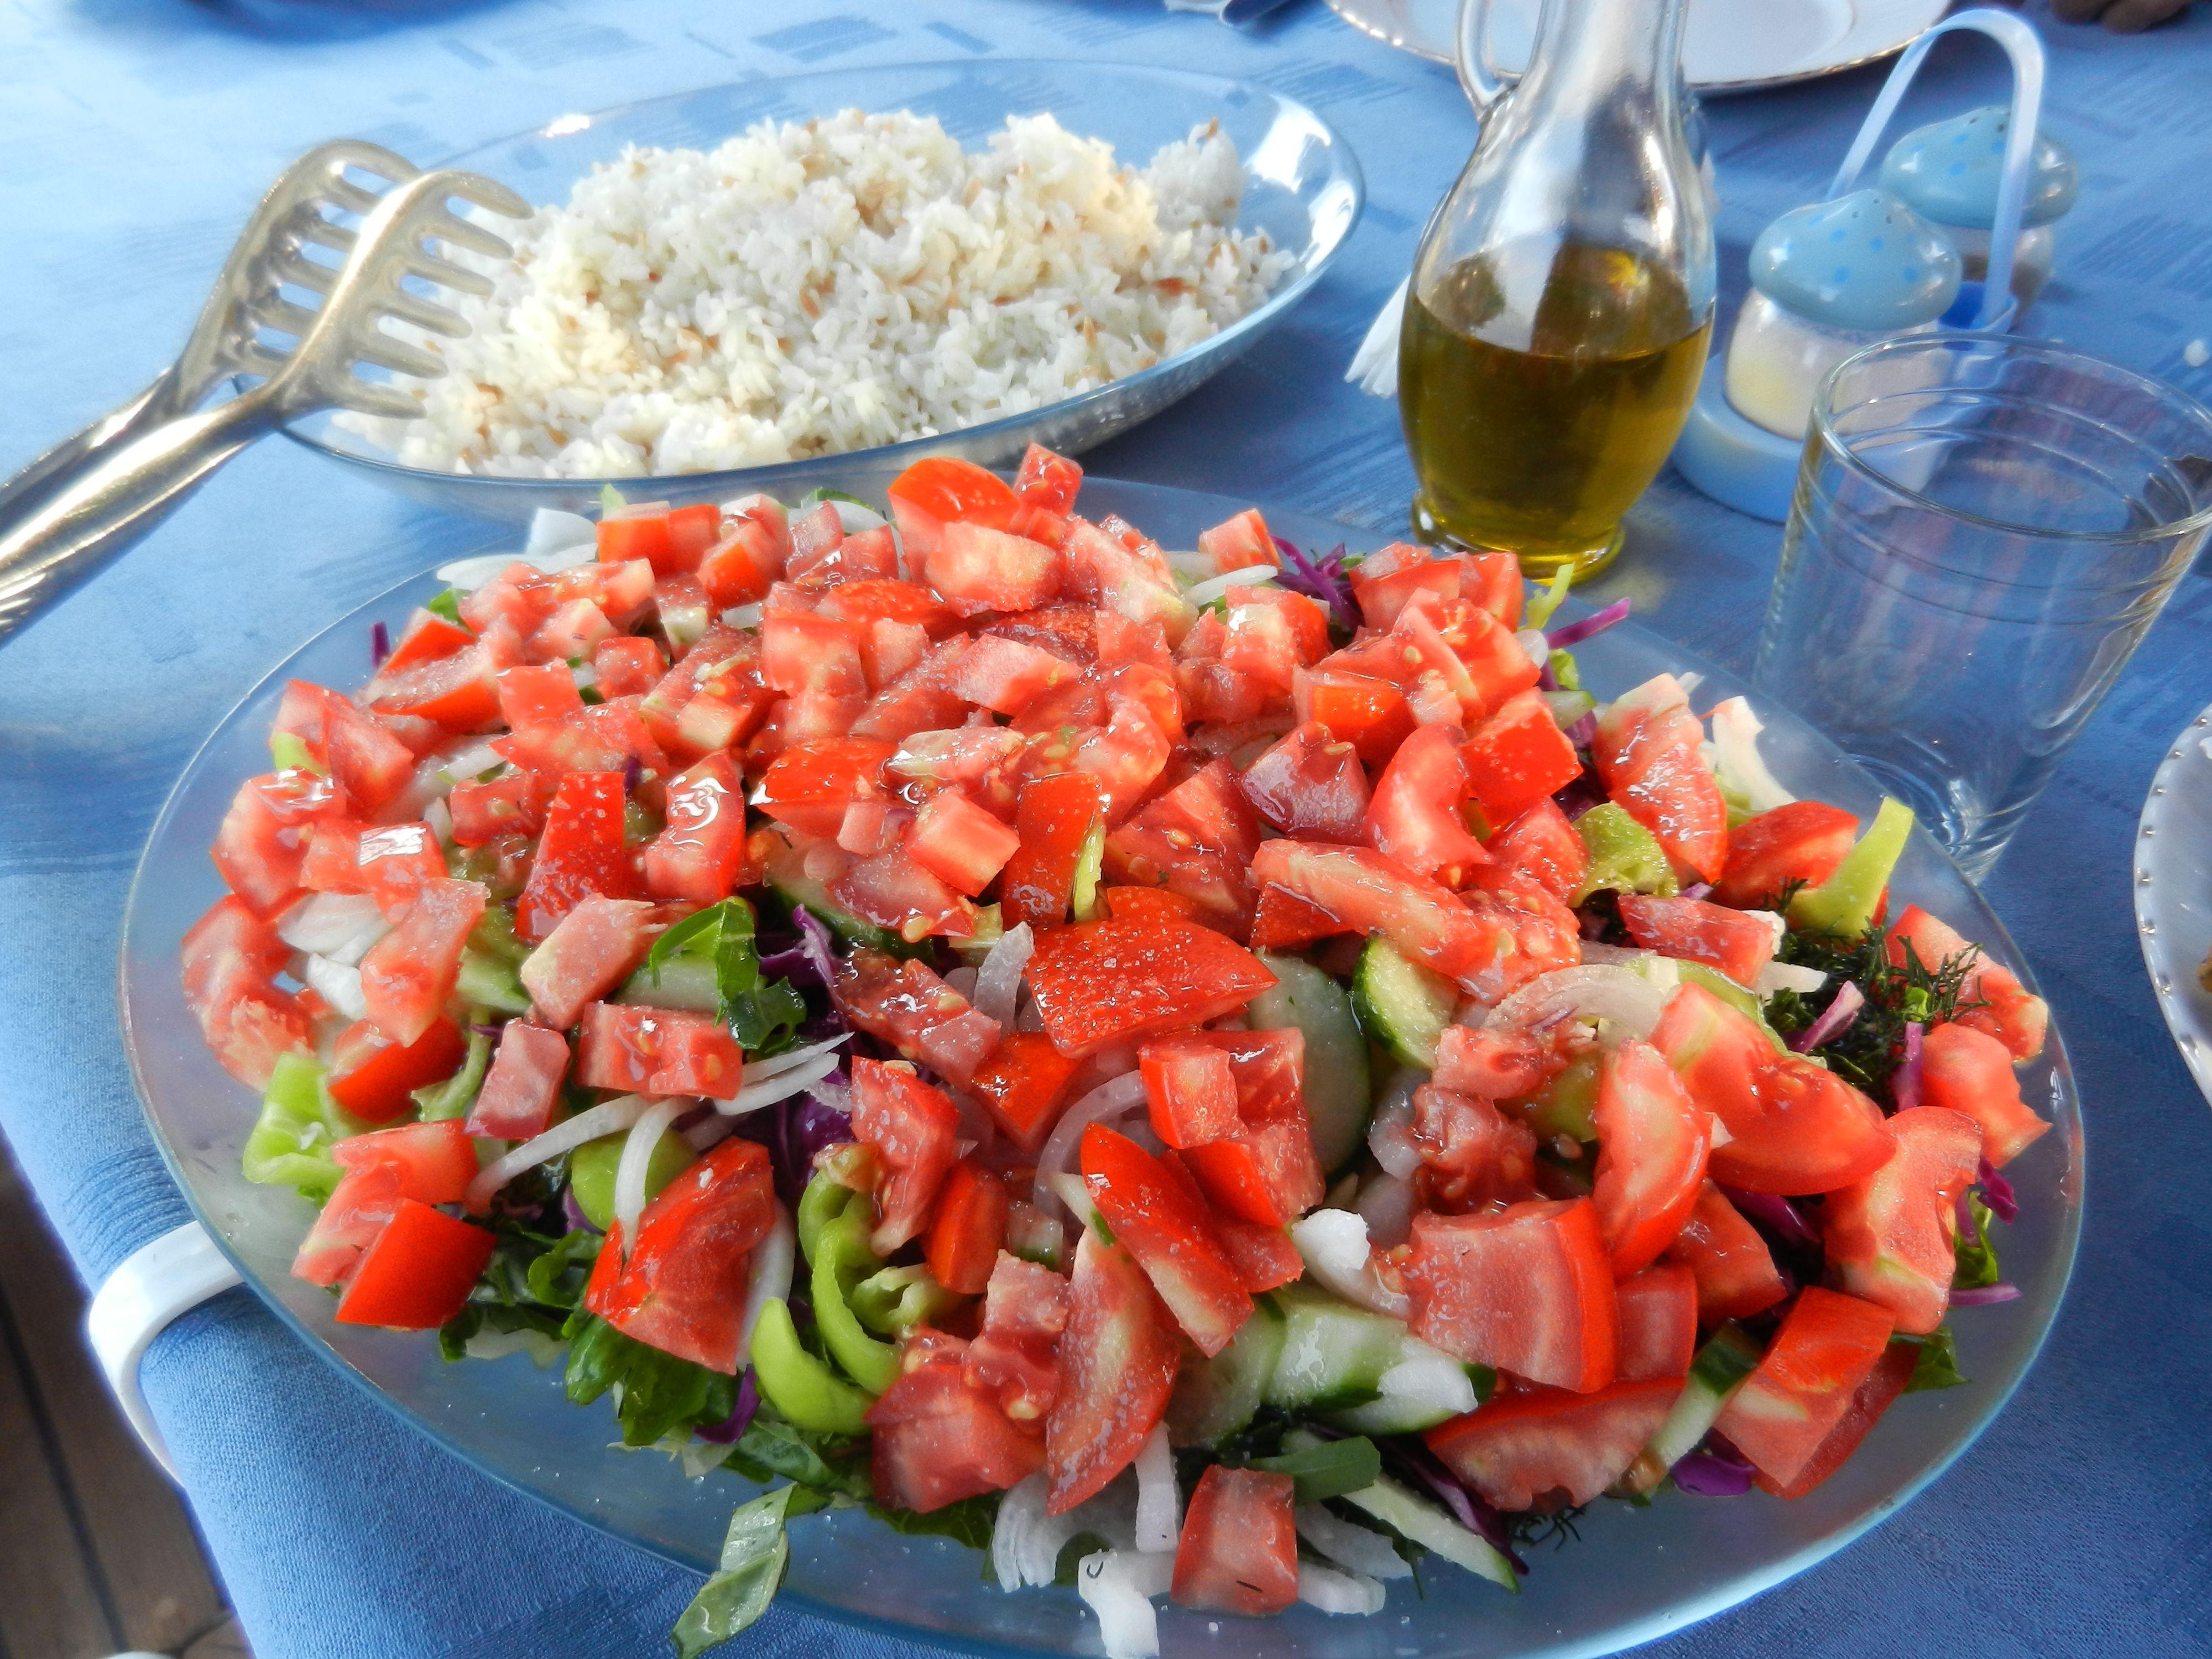 Turkish Shepherd's Salad (Çoban Salatası)